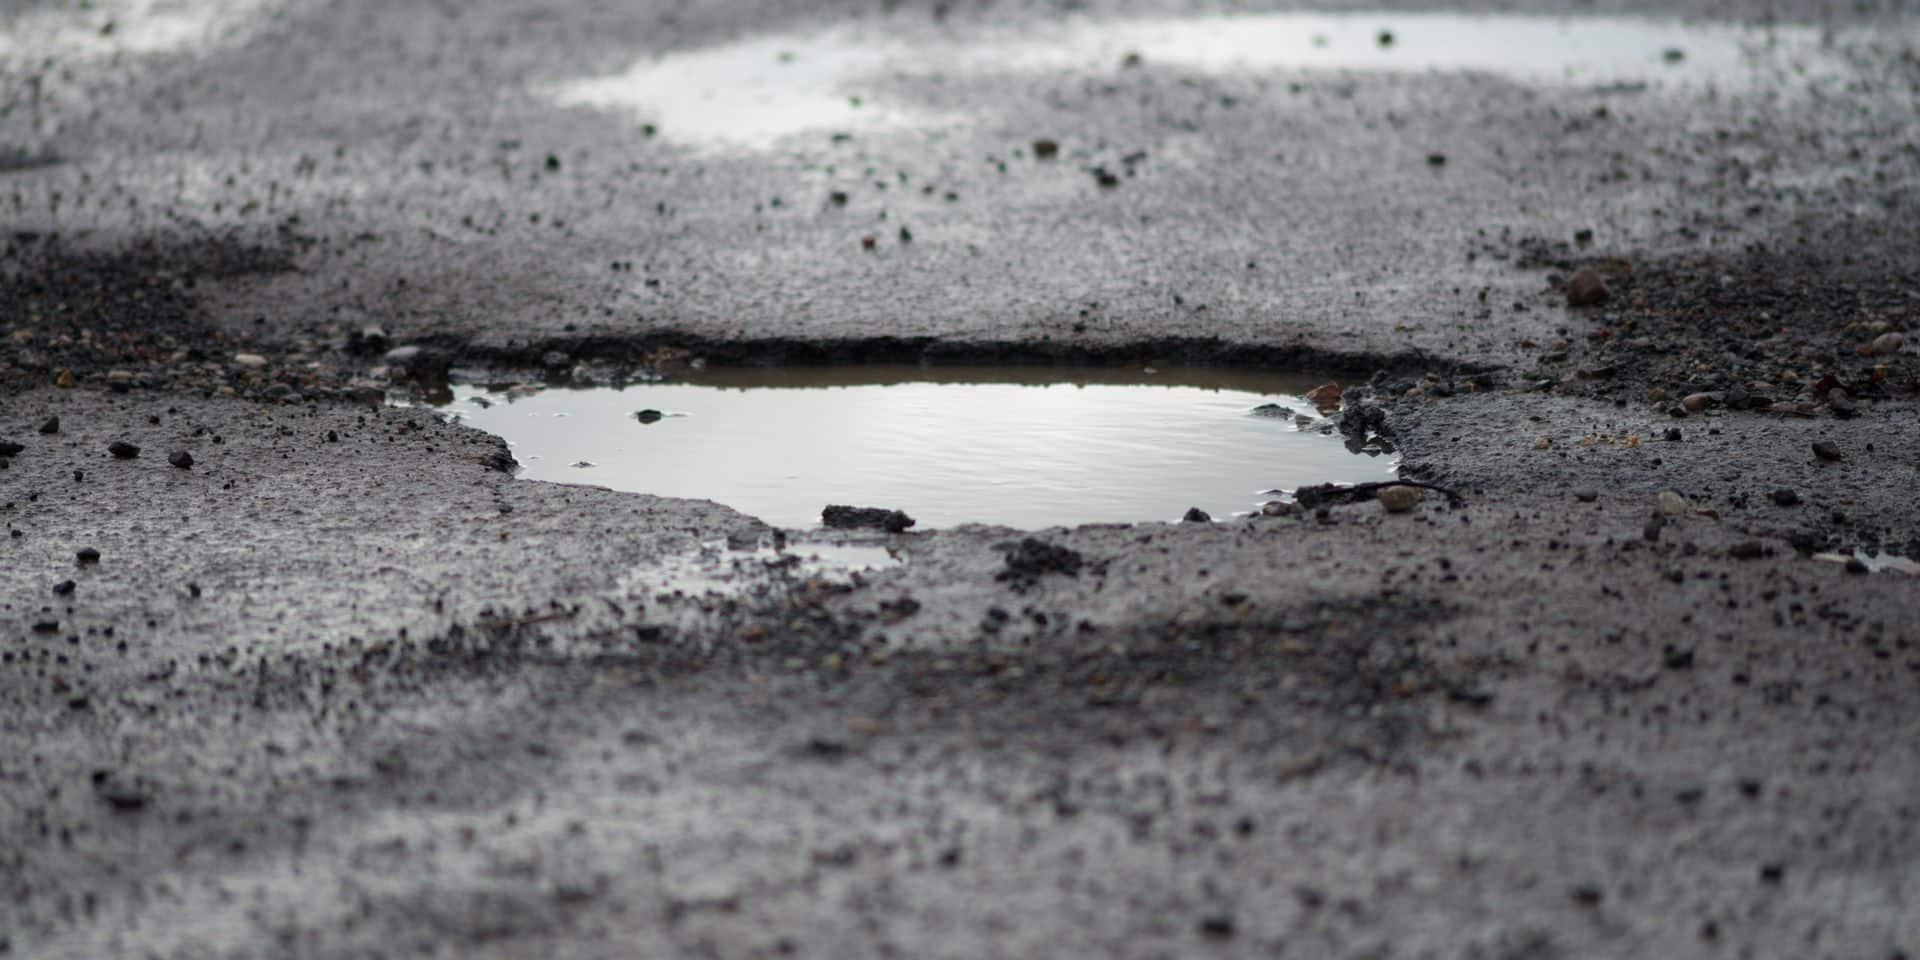 Un Belge ne cessait de se plaindre de l'état des routes, la commune lui verse 1,65 million d'euros